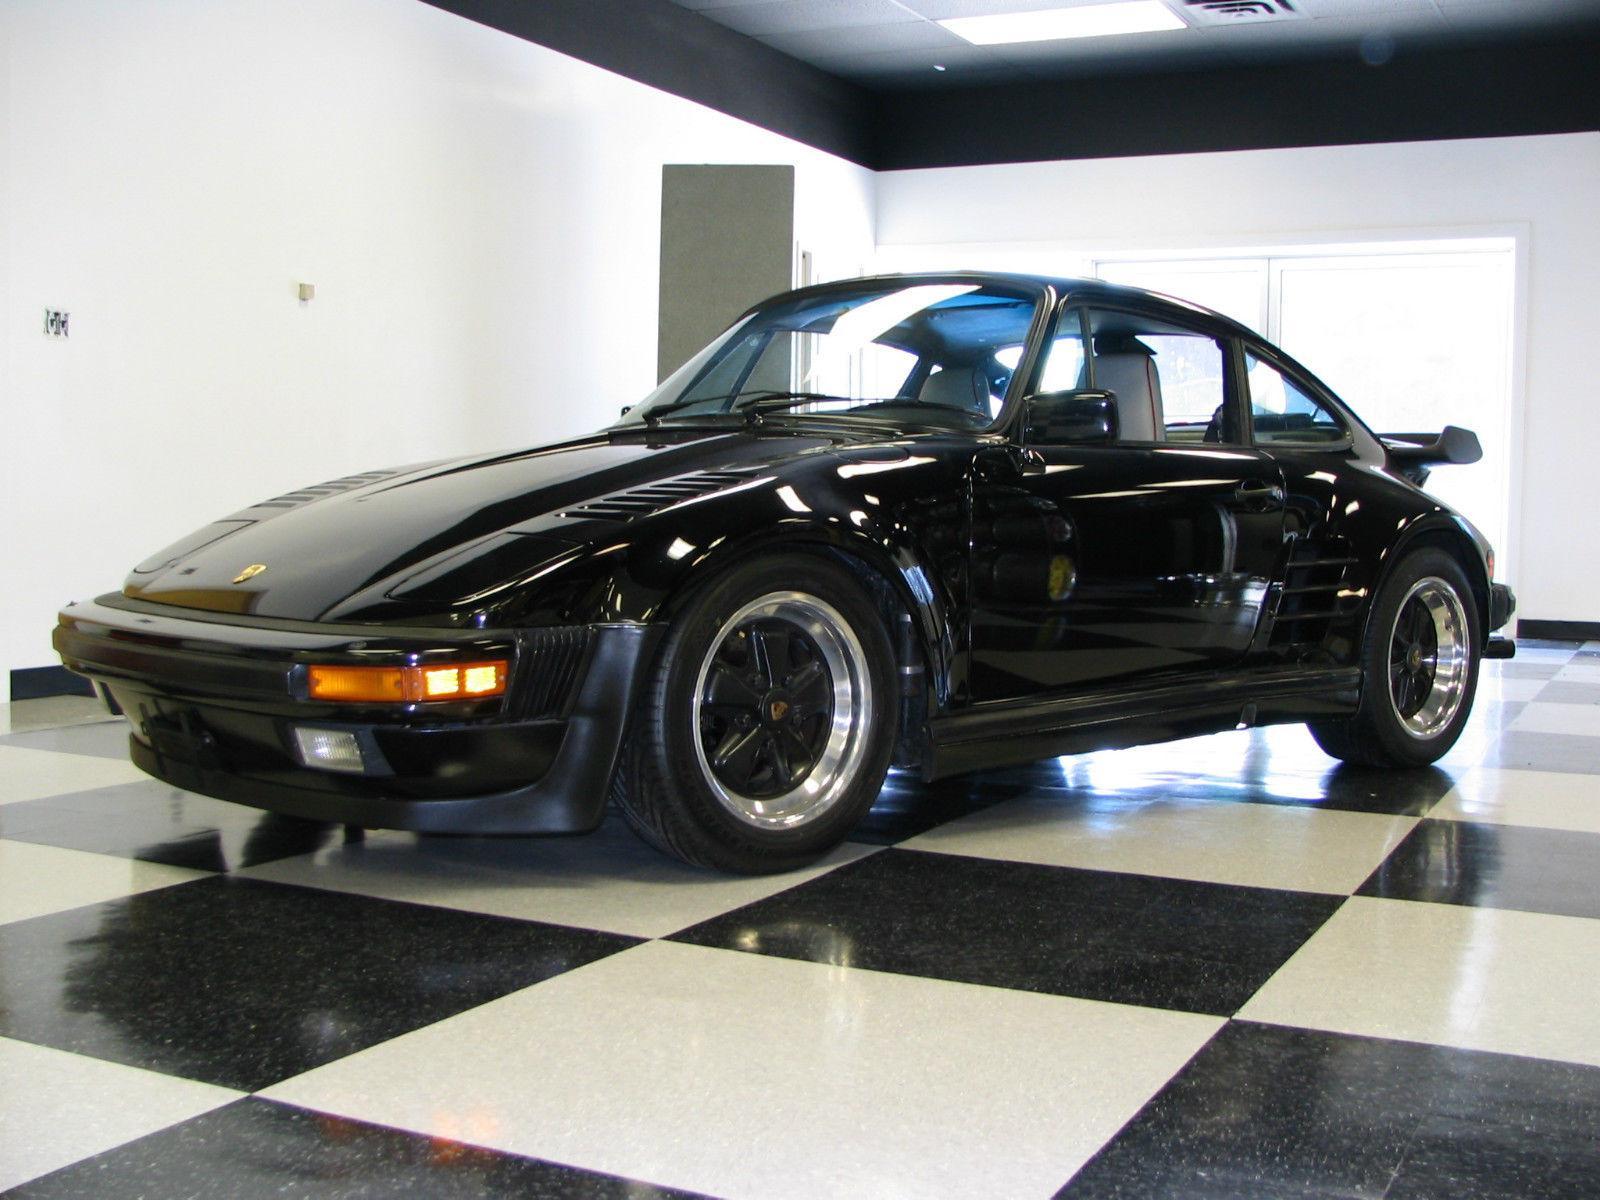 1987 porsche 911 930 turbo slantnose for sale. Black Bedroom Furniture Sets. Home Design Ideas